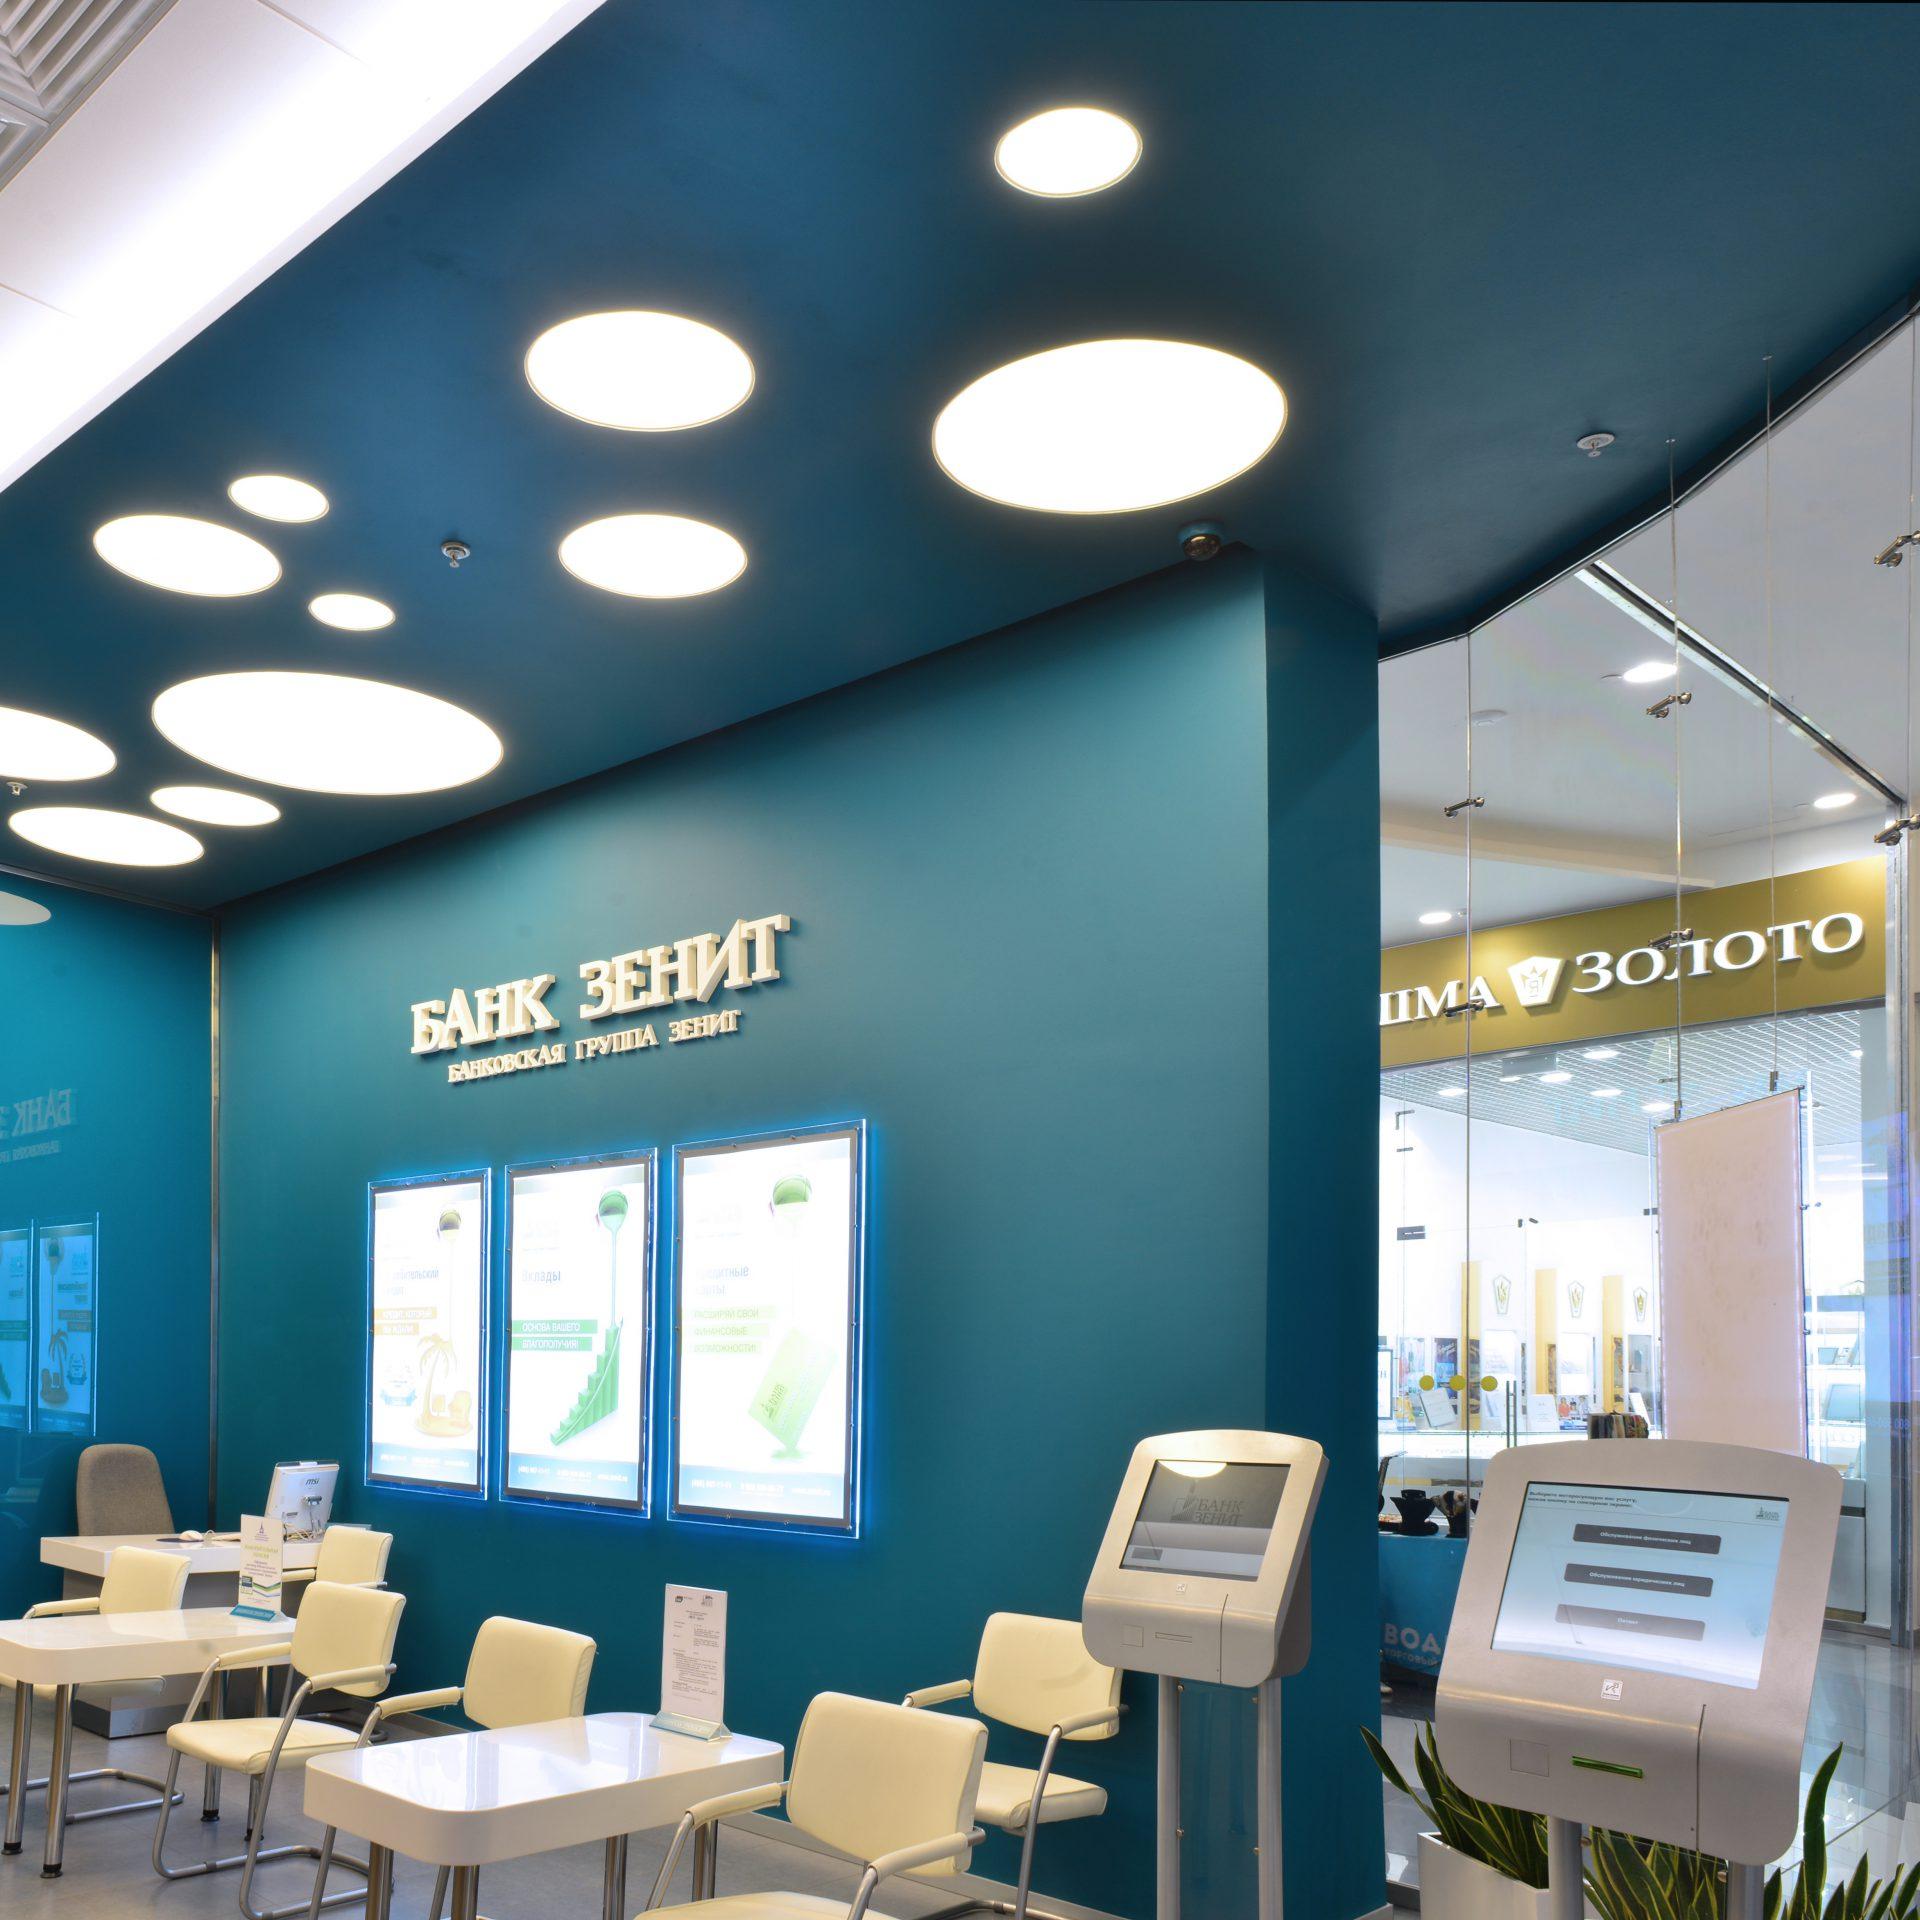 Фото интерьера банка Зенит. Общий зал, освещение